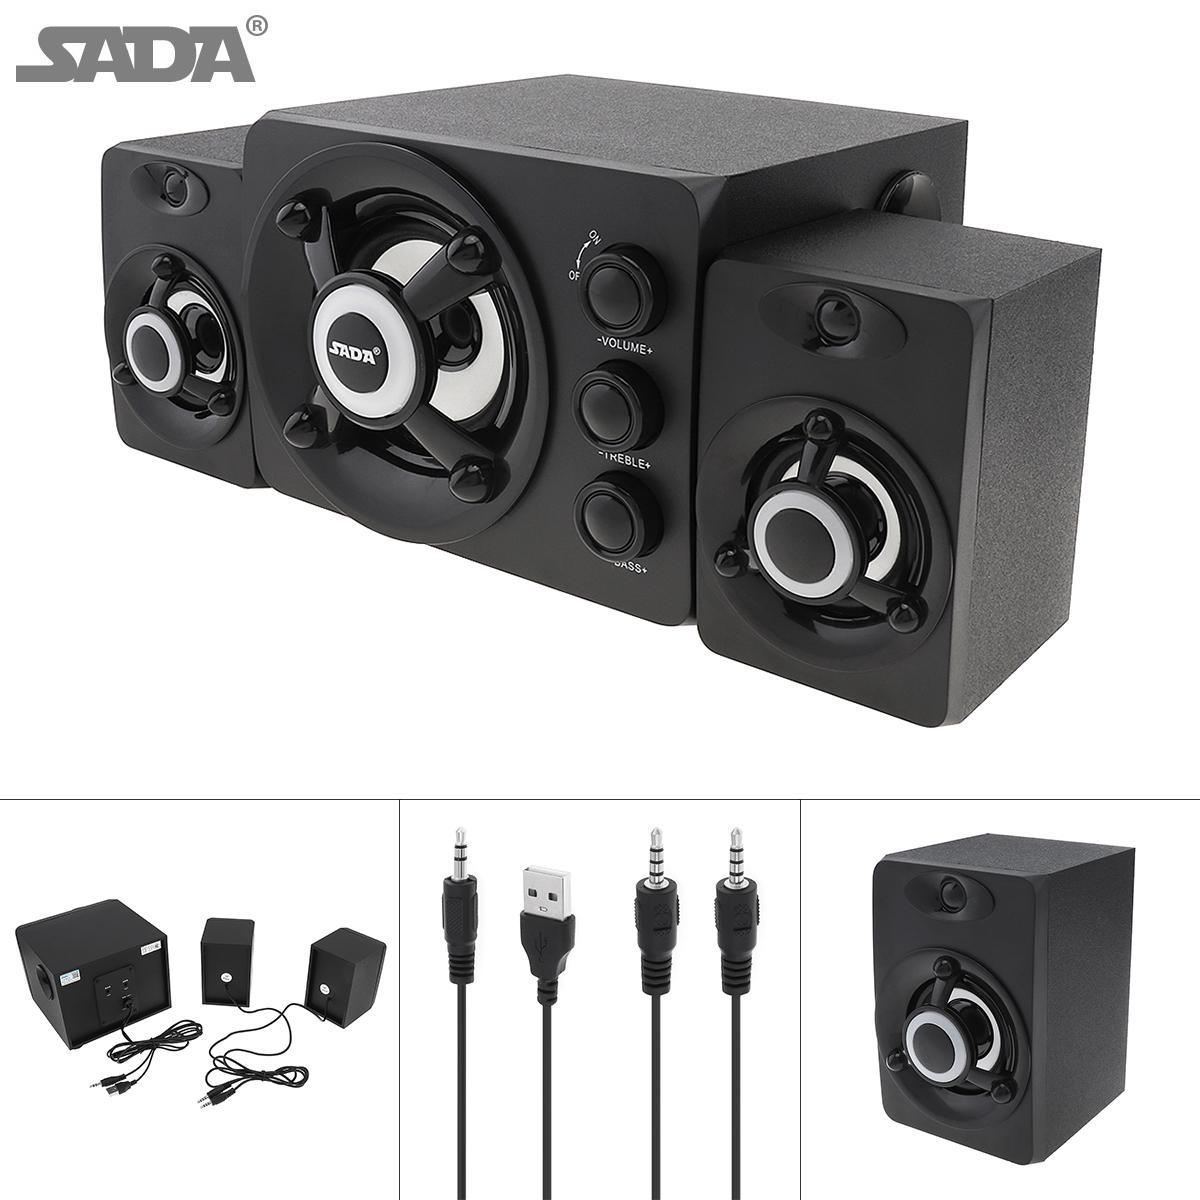 SADA D-208 2.1 Mini Black 3W de madeira 3D Surround Sound Subwoofer Música USB Speaker computador com luminescentes coloridos Lâmpada para PCSSB_10M